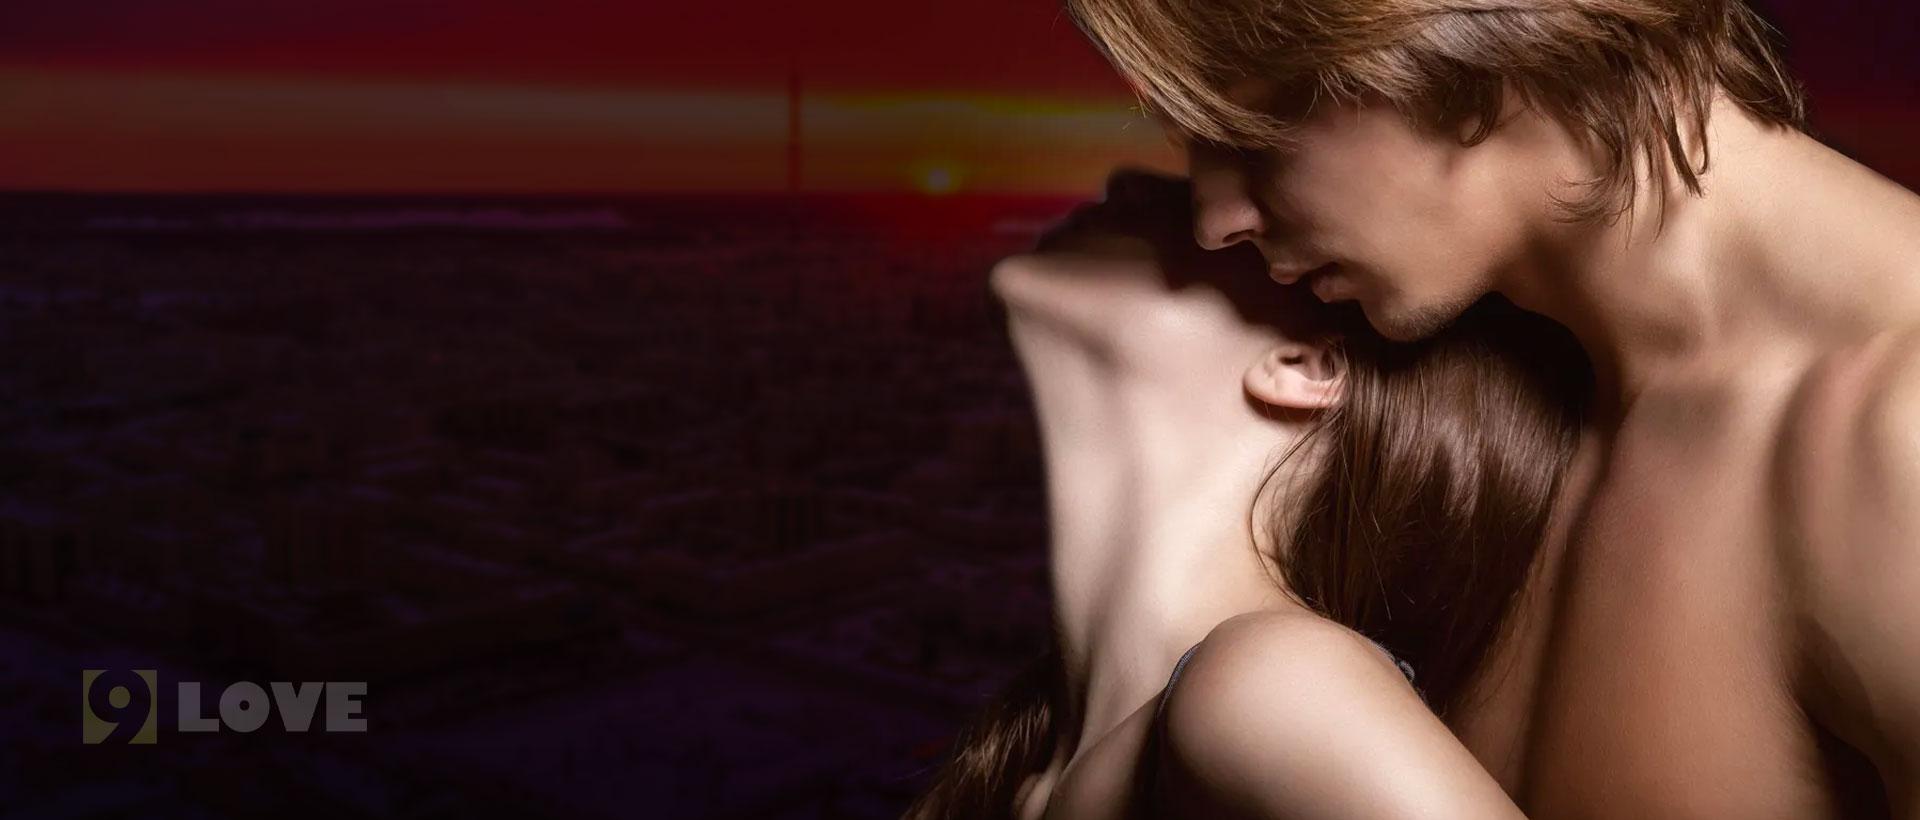 Знакомства для любви и секса в республике Саха